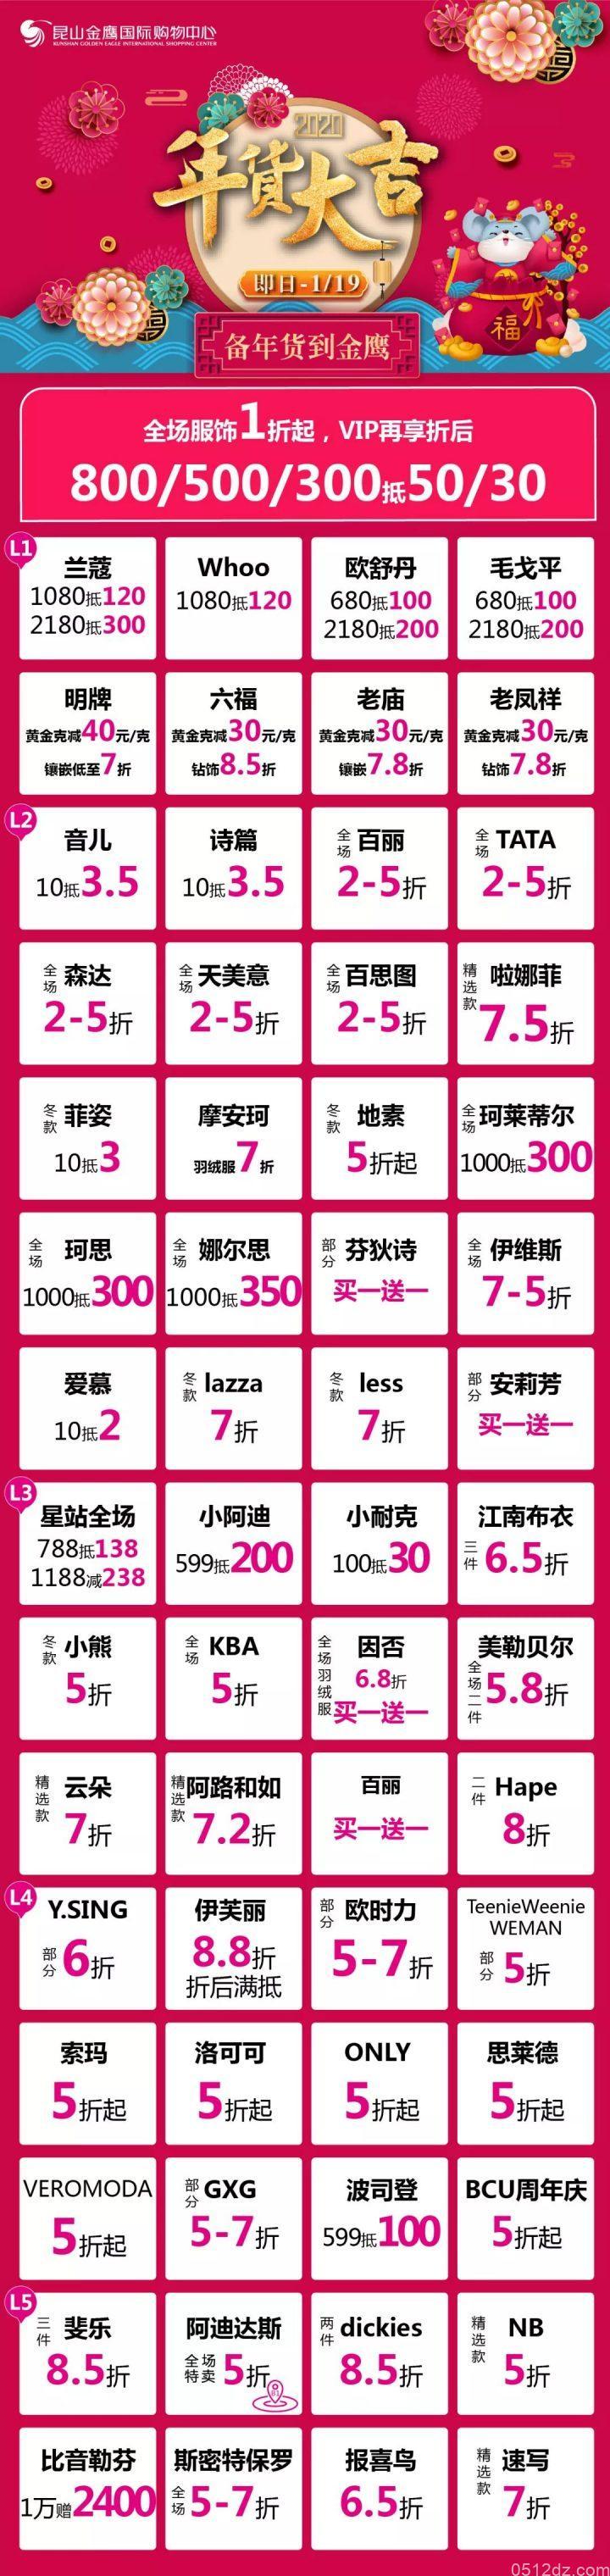 昆山金鹰国际购物中心1.10-12年货大集活动